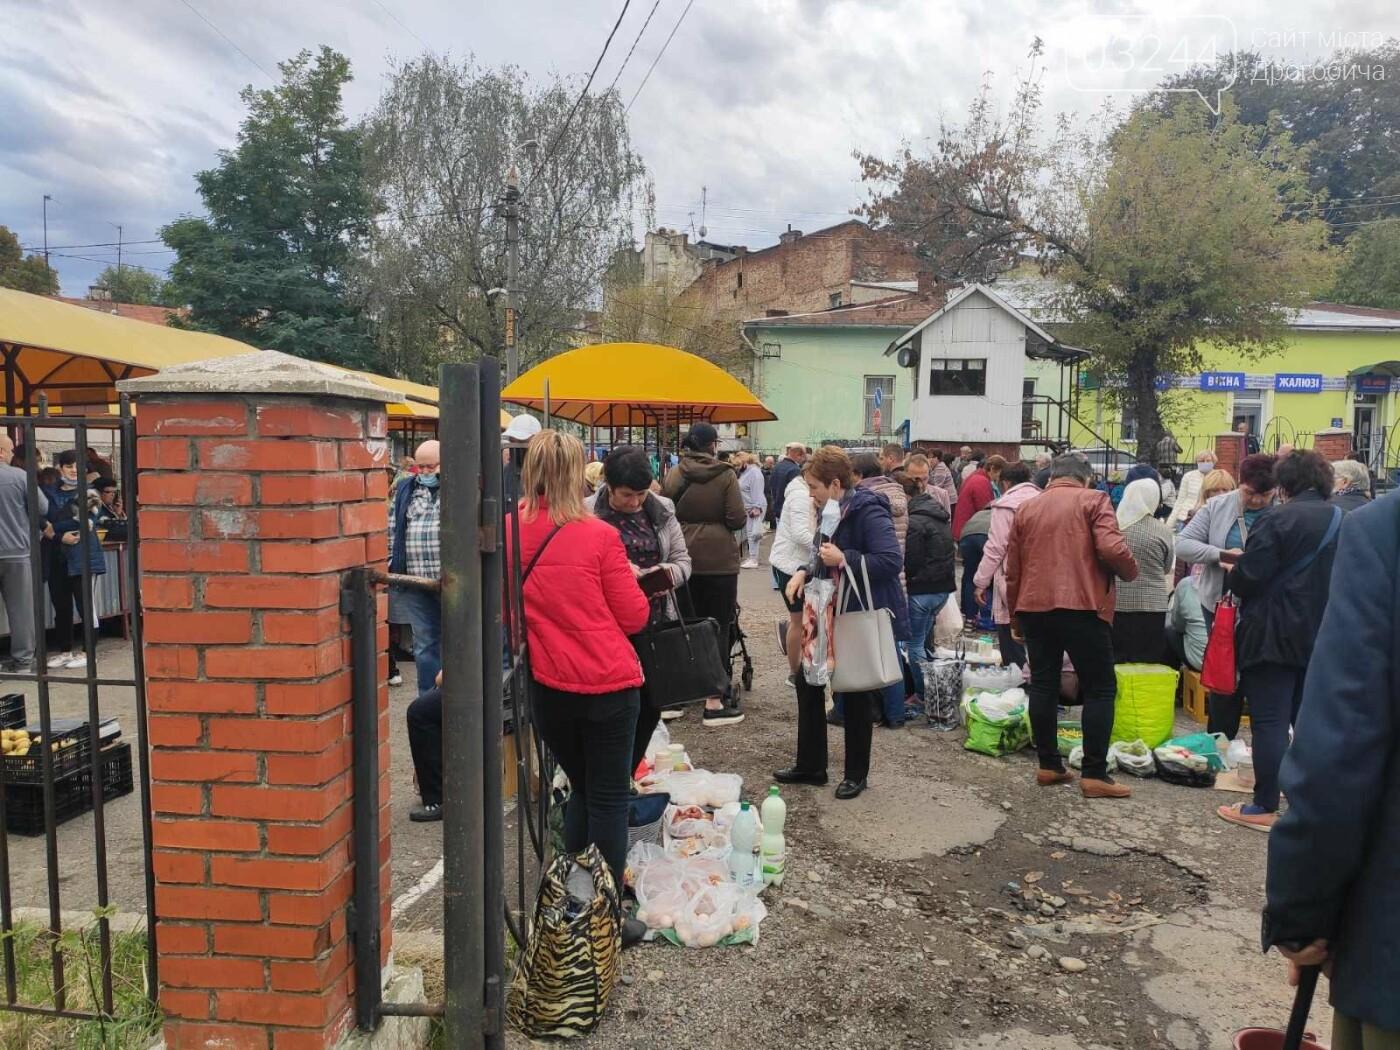 У Дрогобичі зрушення - стихійні торговці із Ковальської перейшли на новооблаштований ринок, - ФОТОРЕПОРТАЖ, фото-15